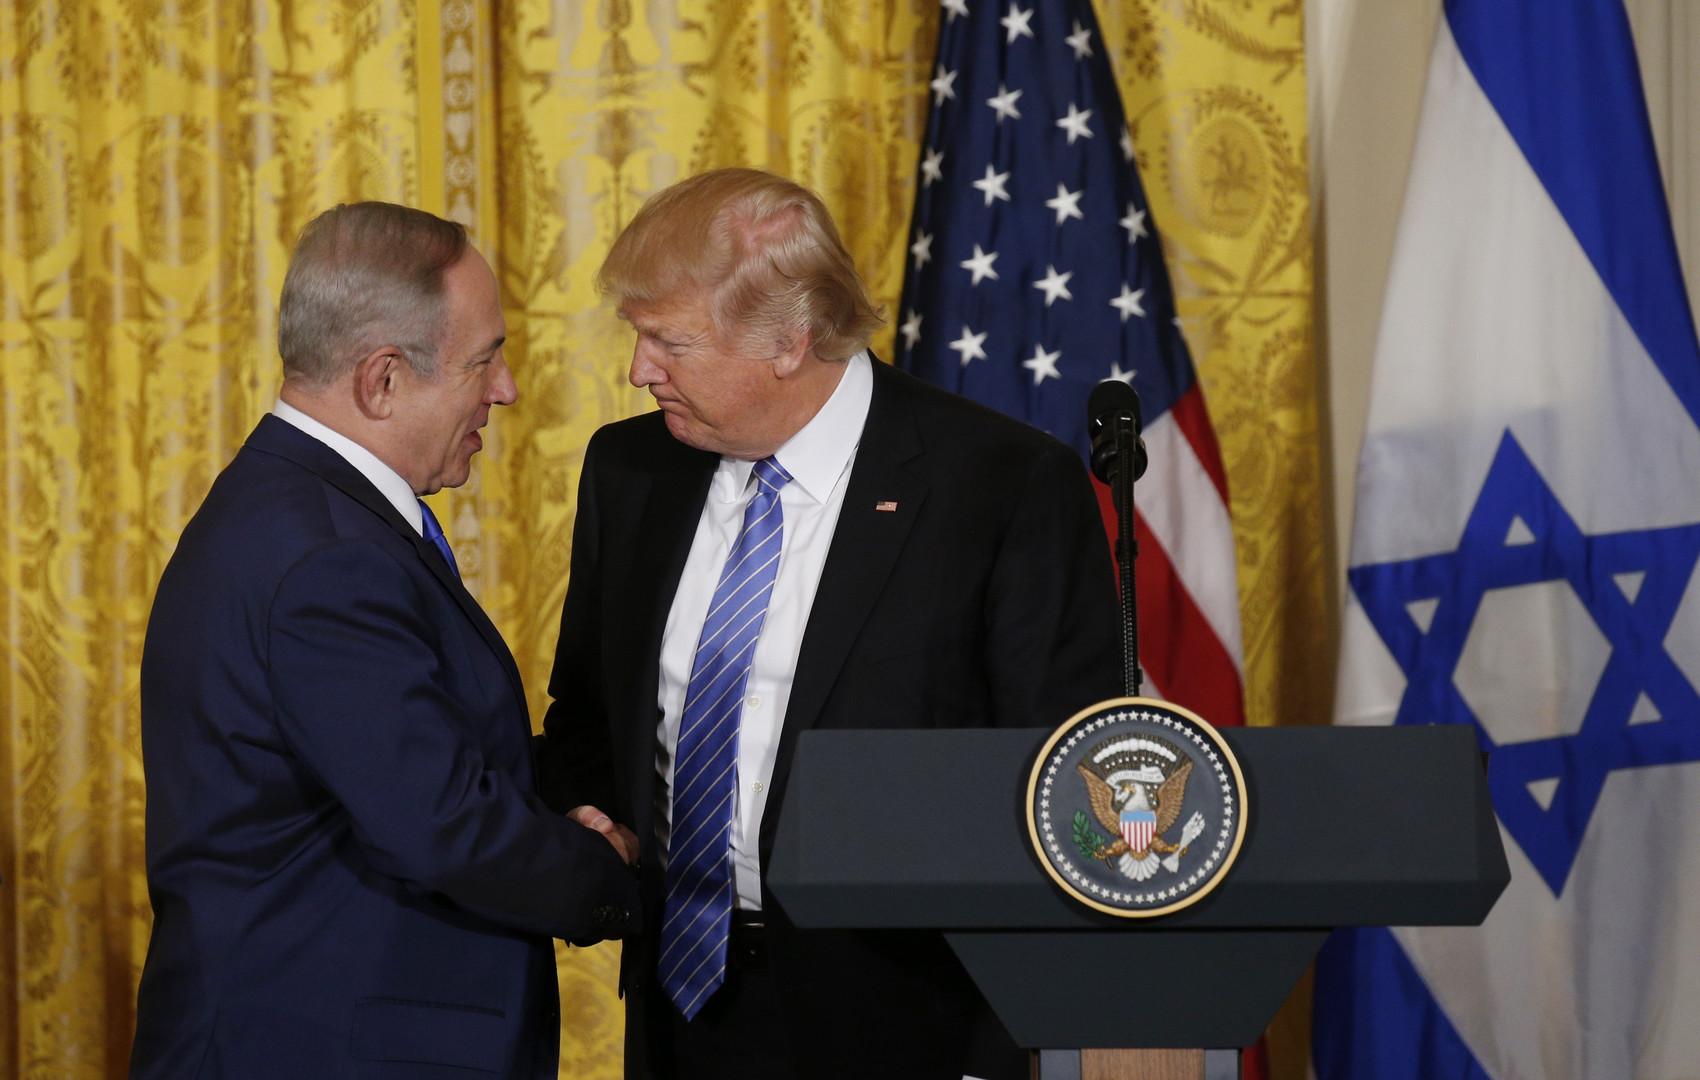 Resultado de imagem para benjamin netanyahu and trump